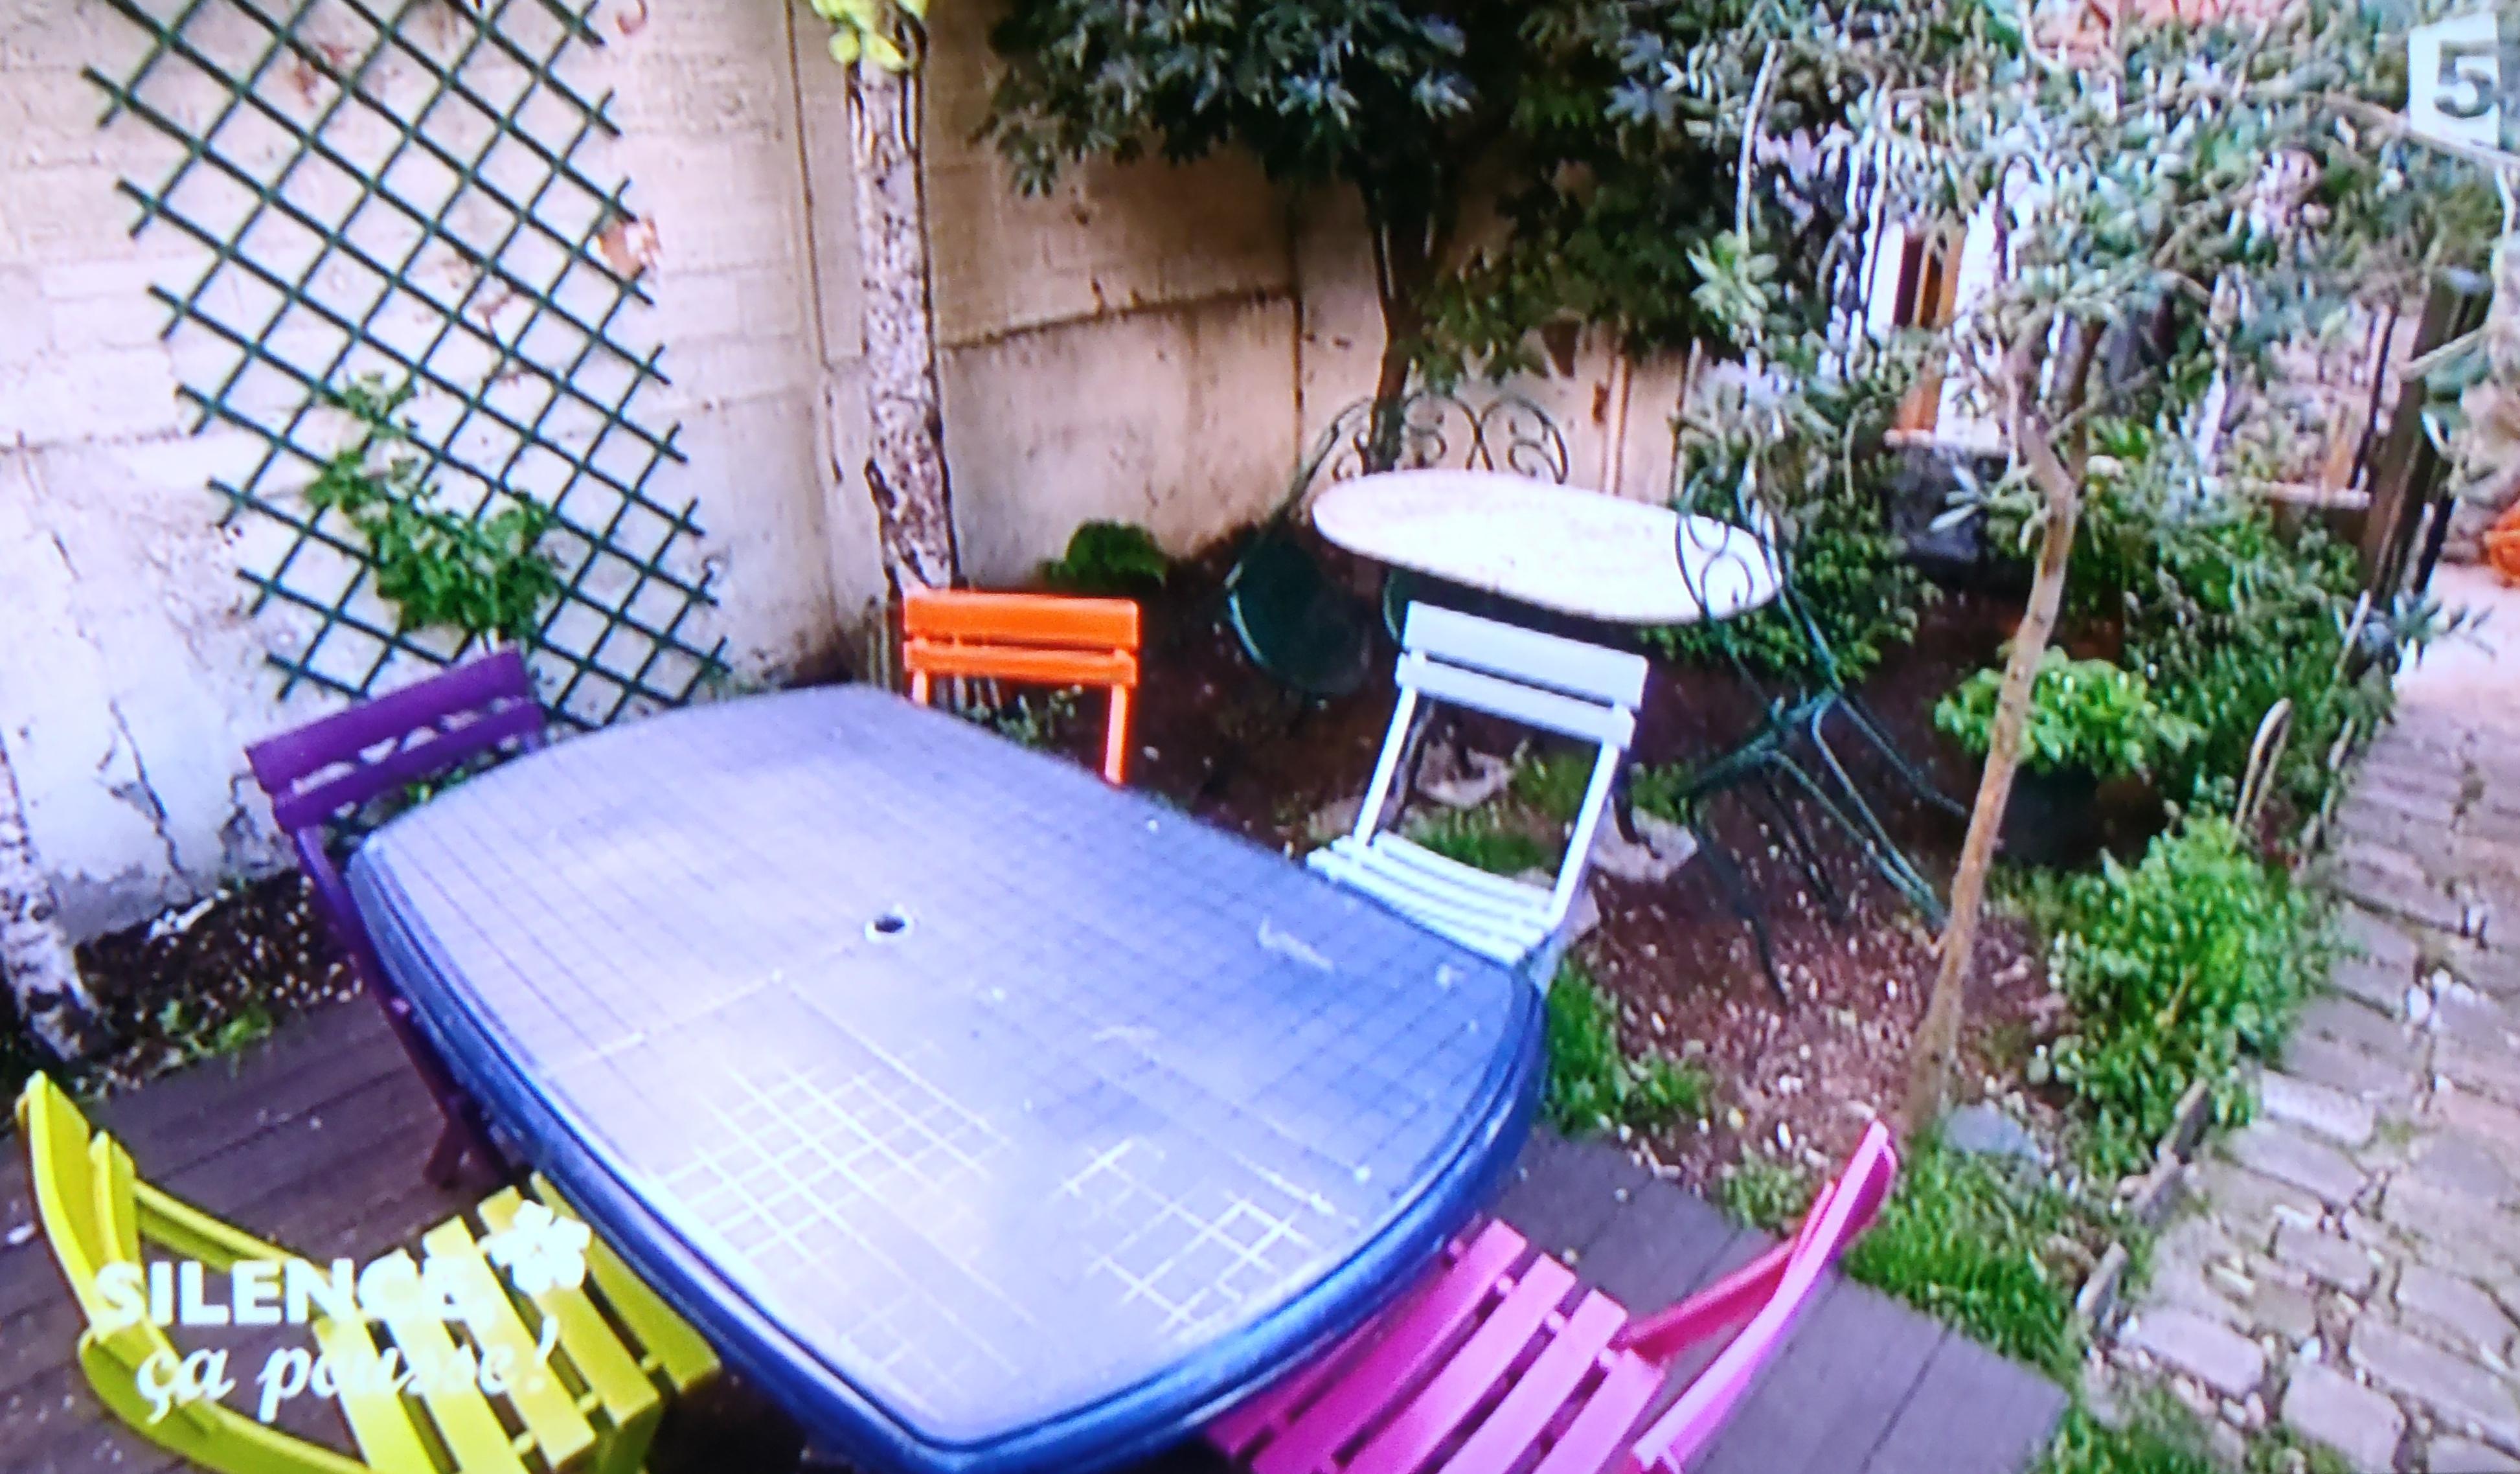 Structurer les espaces d un jardin pavillonnaire parisien for Structurer un jardin